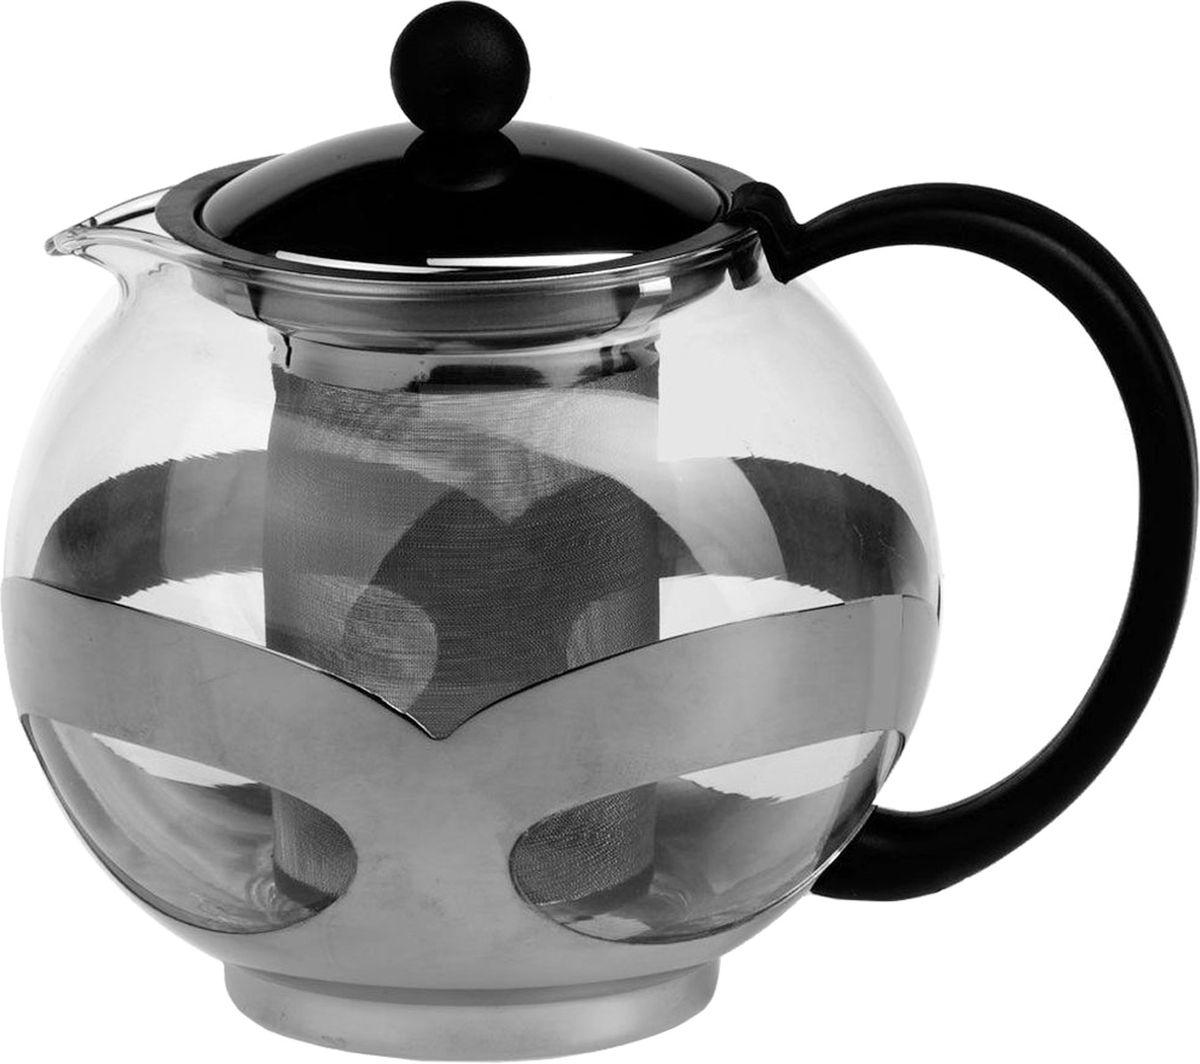 Чайник заварочный Gotoff, 750 мл. 824968/5/4Чайник заварочный стеклян. V=750 мл